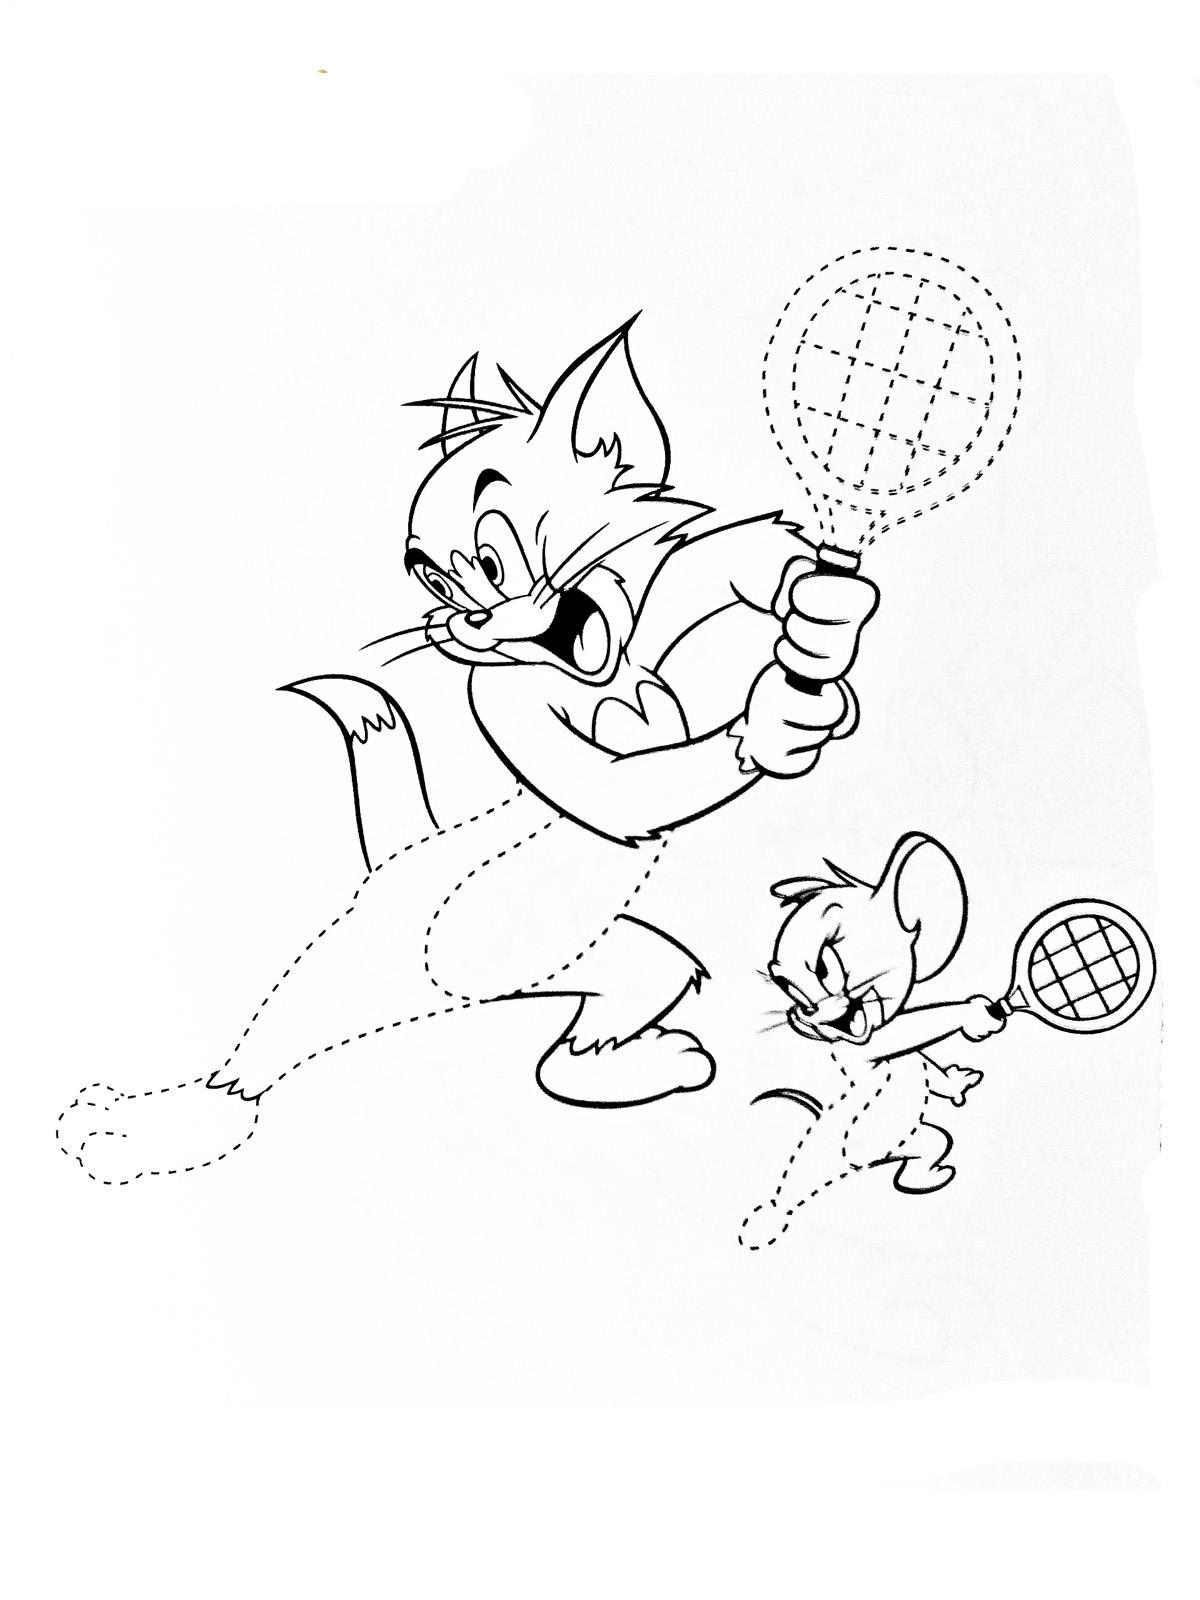 Том и джерри теннисисты, кот и мышонок, мультфильм Раскрашивать раскраски для мальчиков